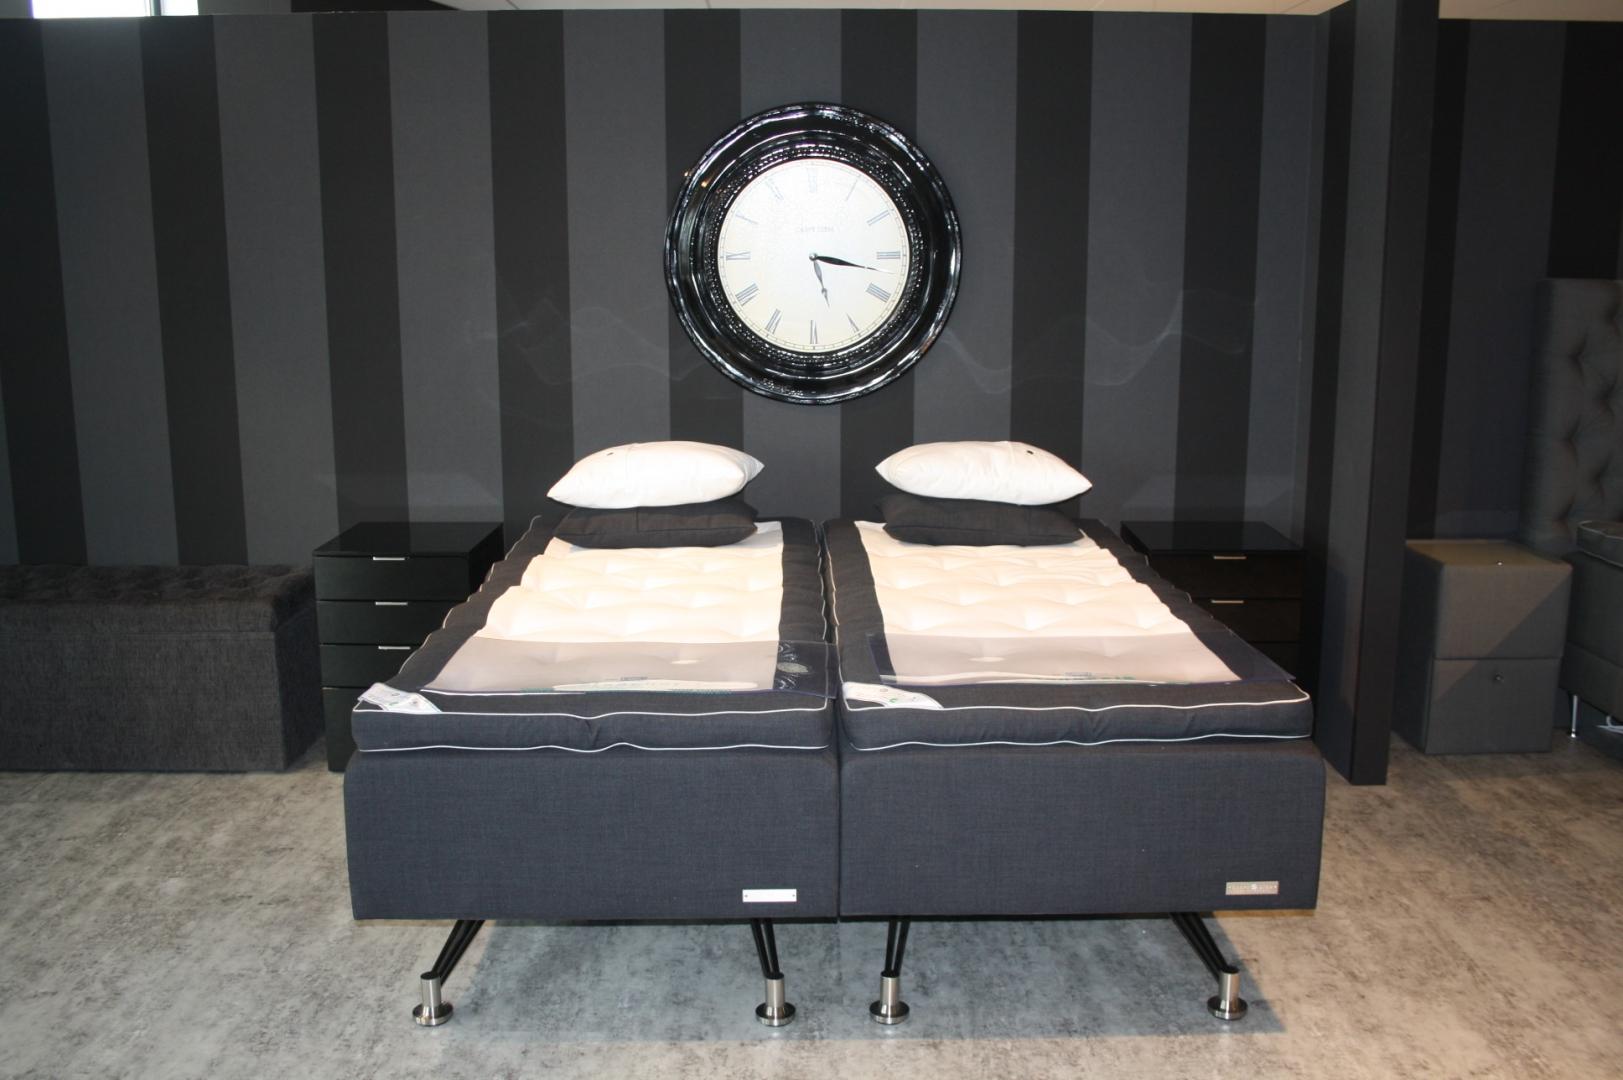 Slaaphof Harderwijk introduceert Man-Vrouw slaapsystemen